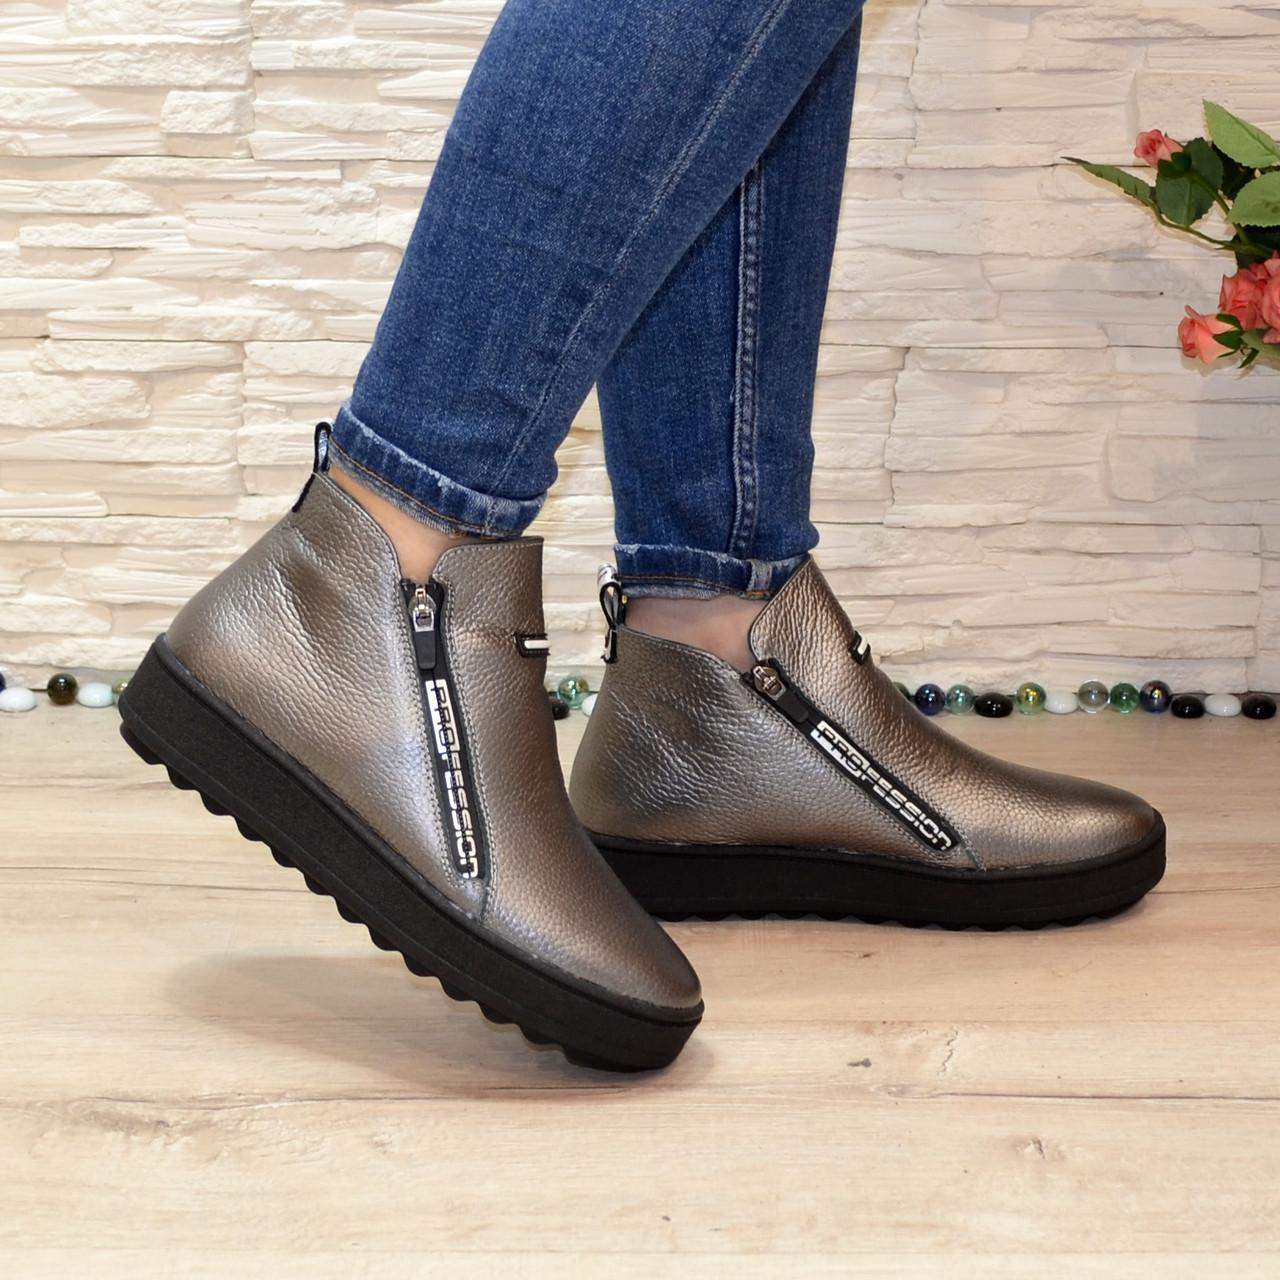 Ботинки женские на утолщенной подошве, натуральная кожа флотар цвета платина